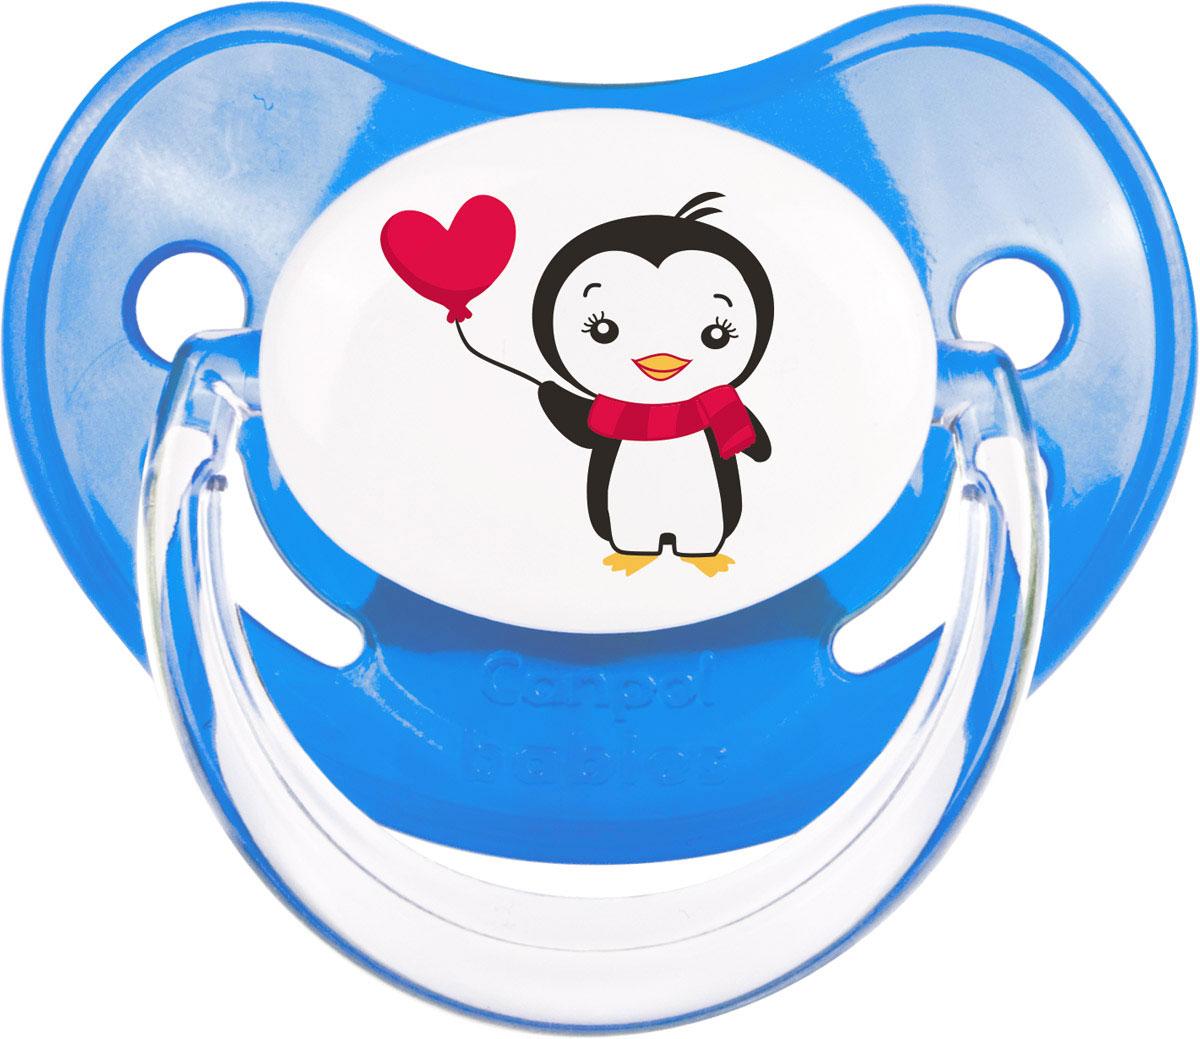 Canpol Babies Пустышка латексная ортодонтическая Penguins от 0 до 6 месяцев цвет синий